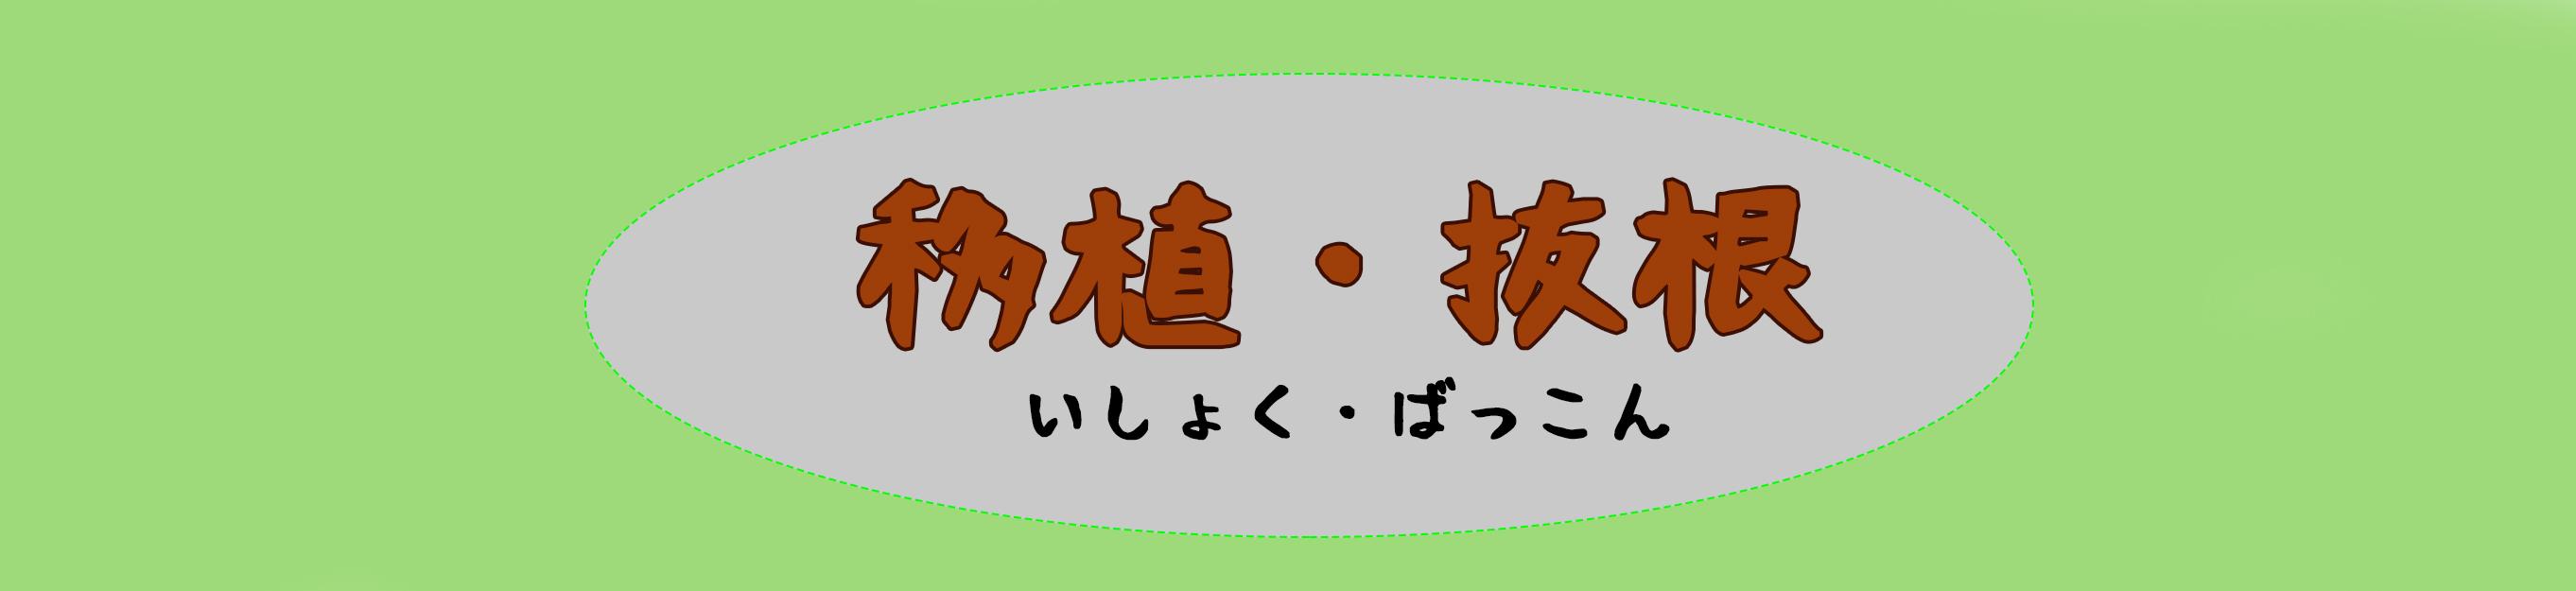 ロゴ HP ishoku